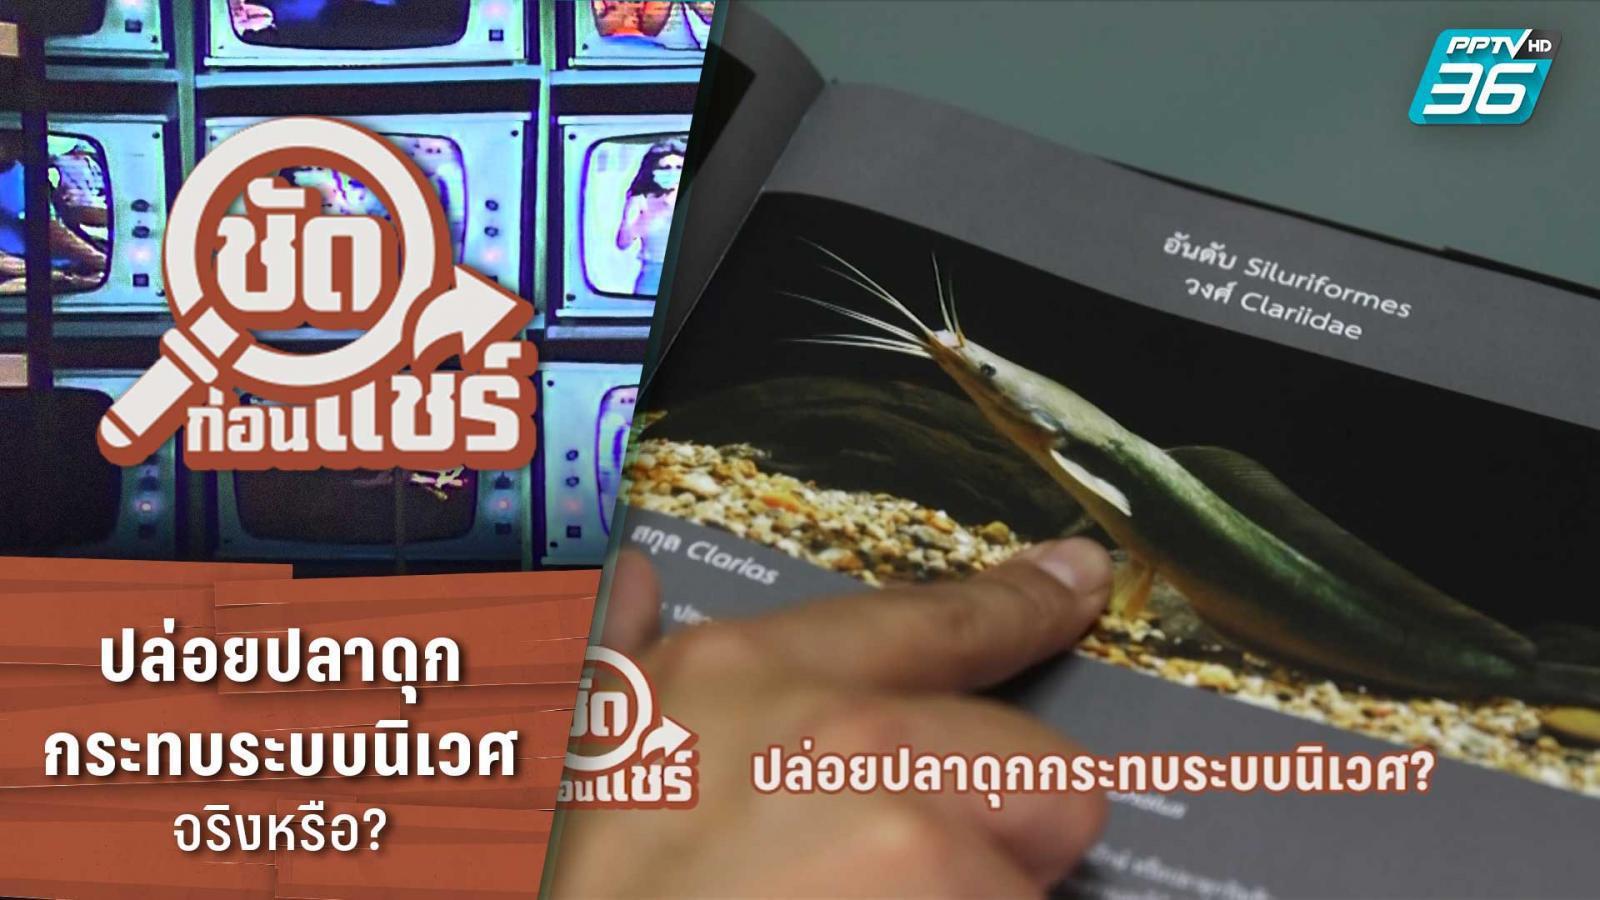 ชัดก่อนแชร์ | ปล่อยปลาดุกกระทบระบบนิเวศ จริงหรือ? | PPTV HD 36